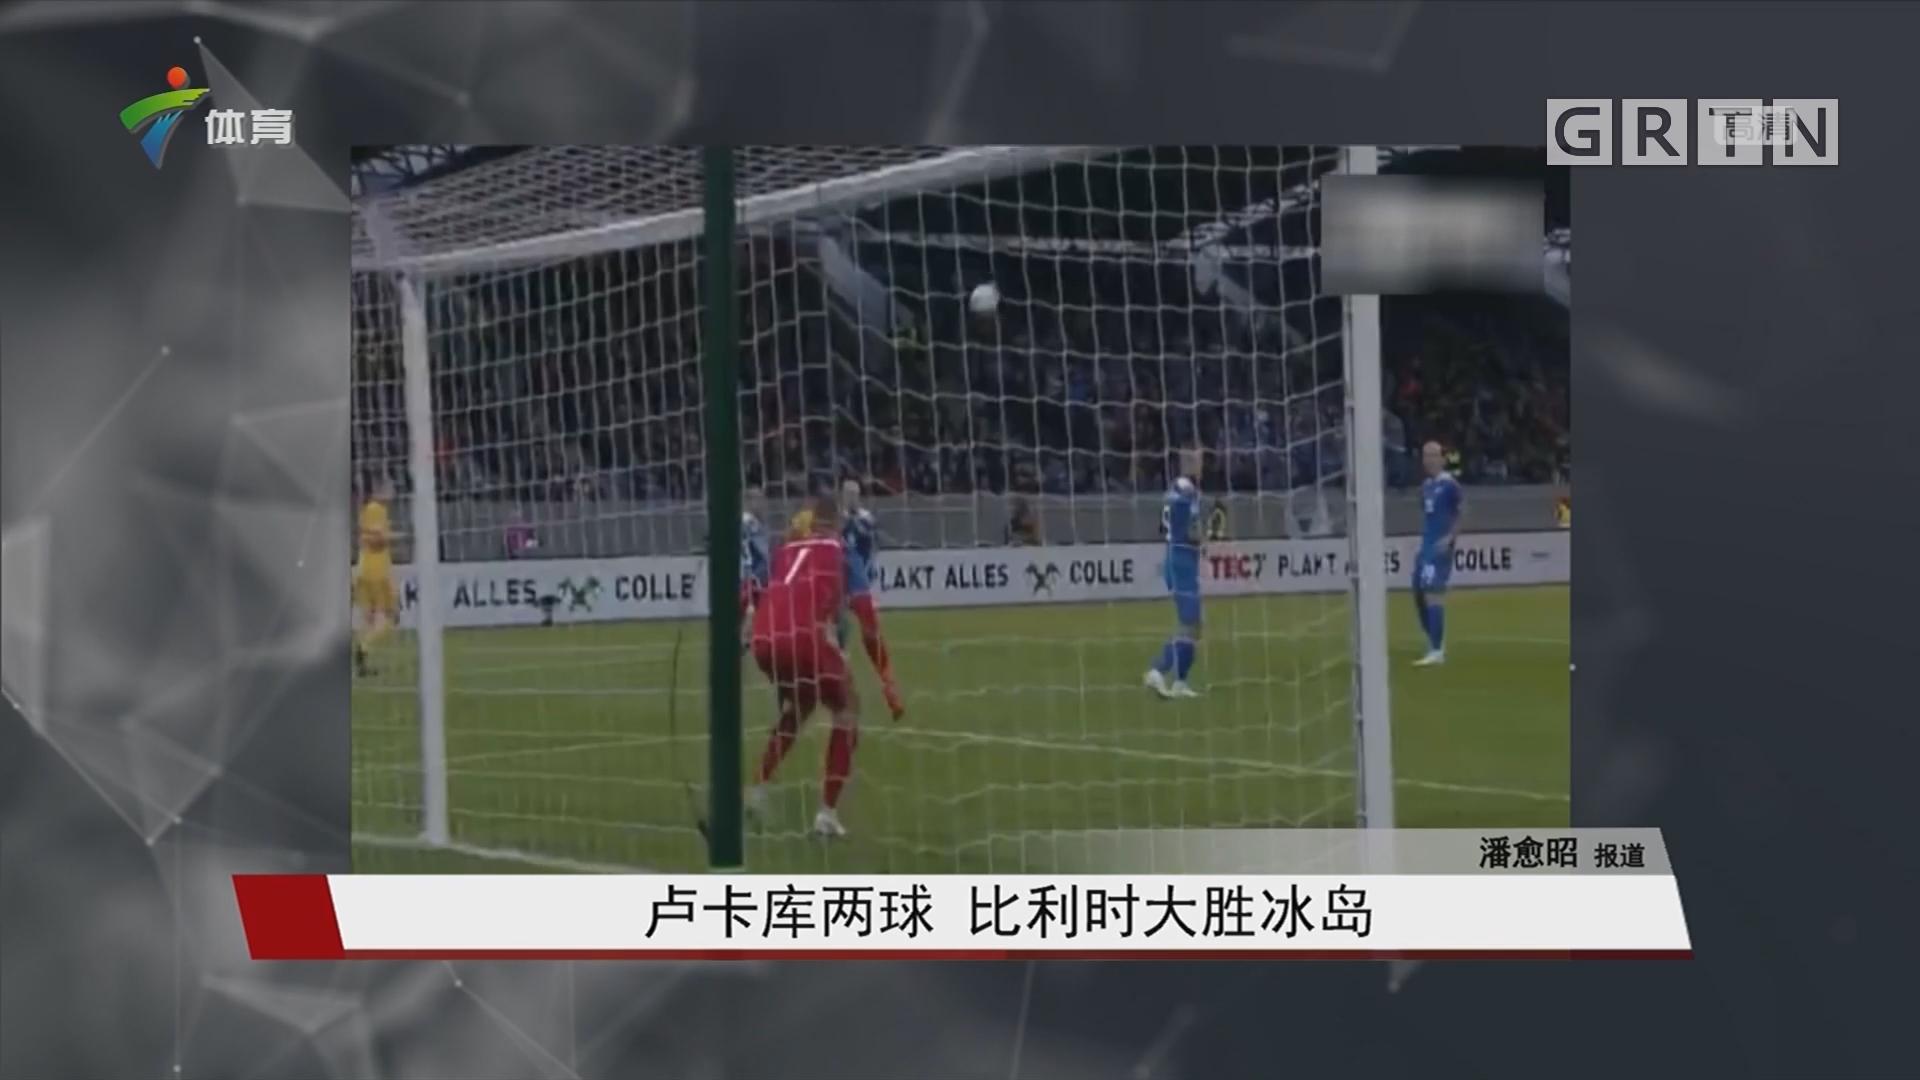 卢卡库两球 比利时大胜冰岛